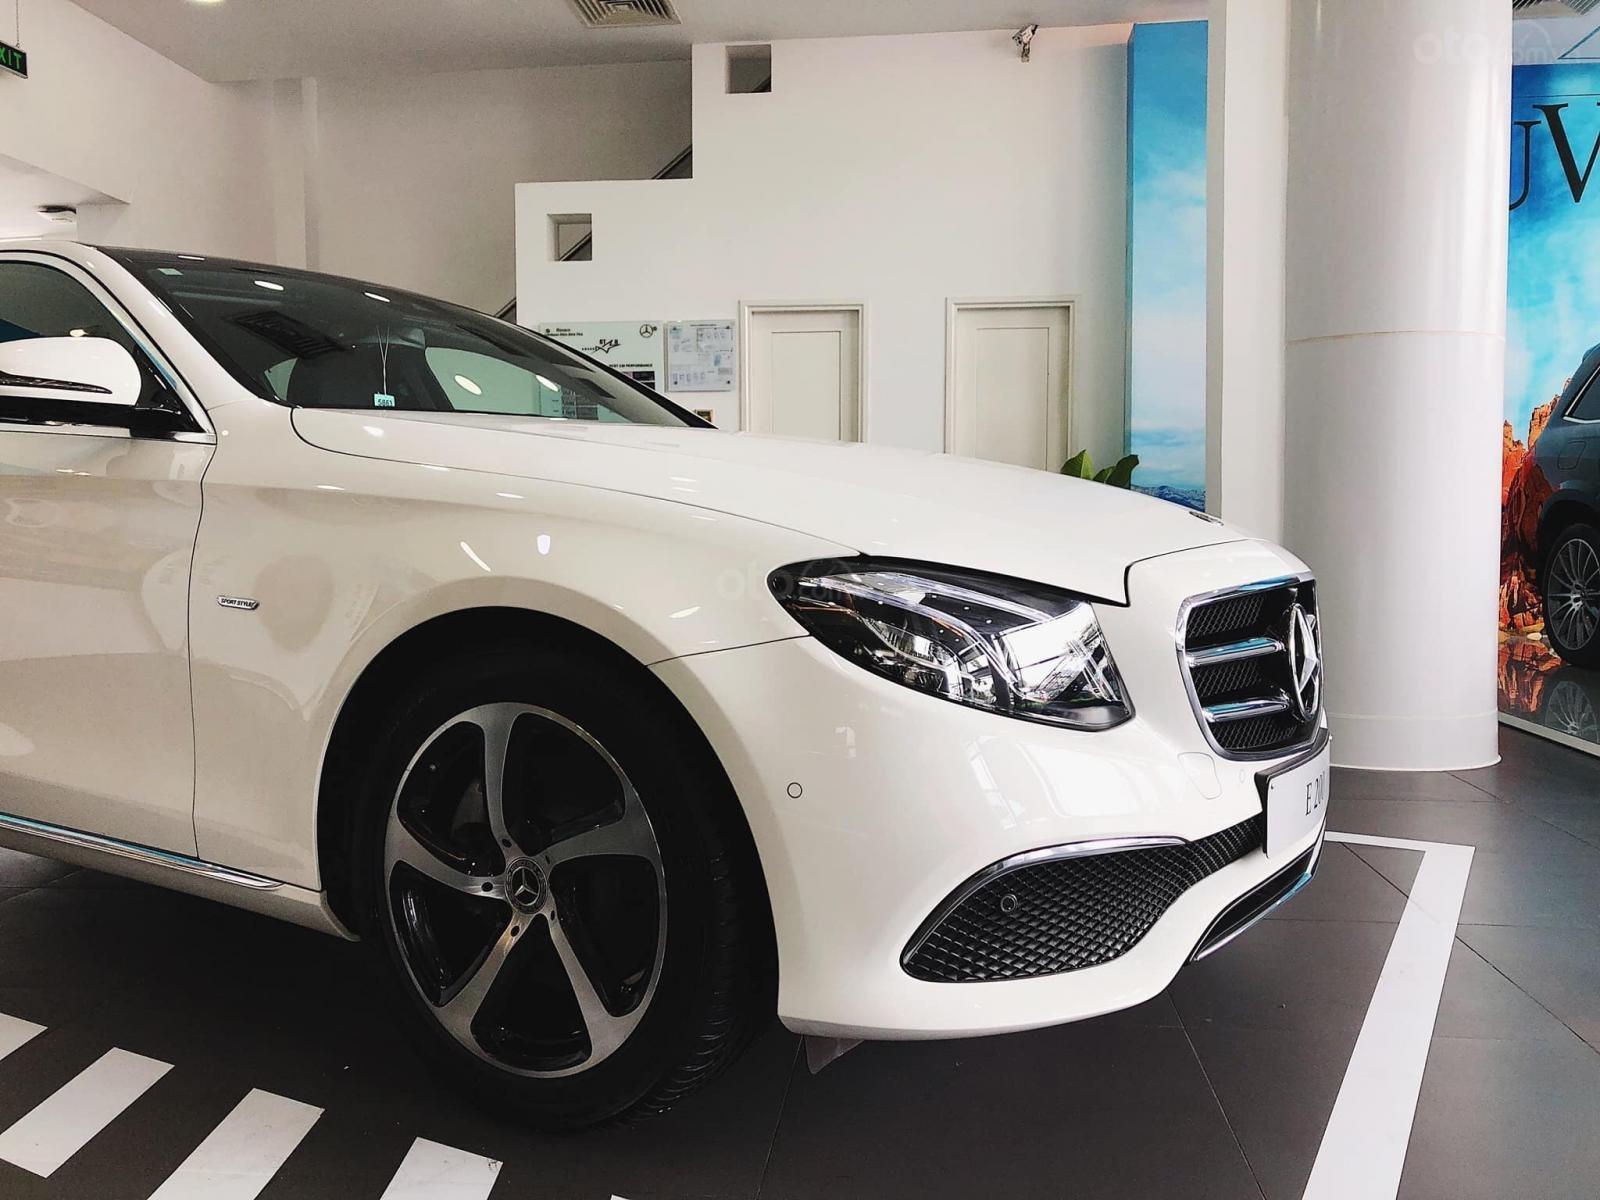 Giá xe Mercedes E200 Sport 2019, thông số, giá lăn bánh, khuyến mãi (12/2019), xe có sẵn giao ngay (11)